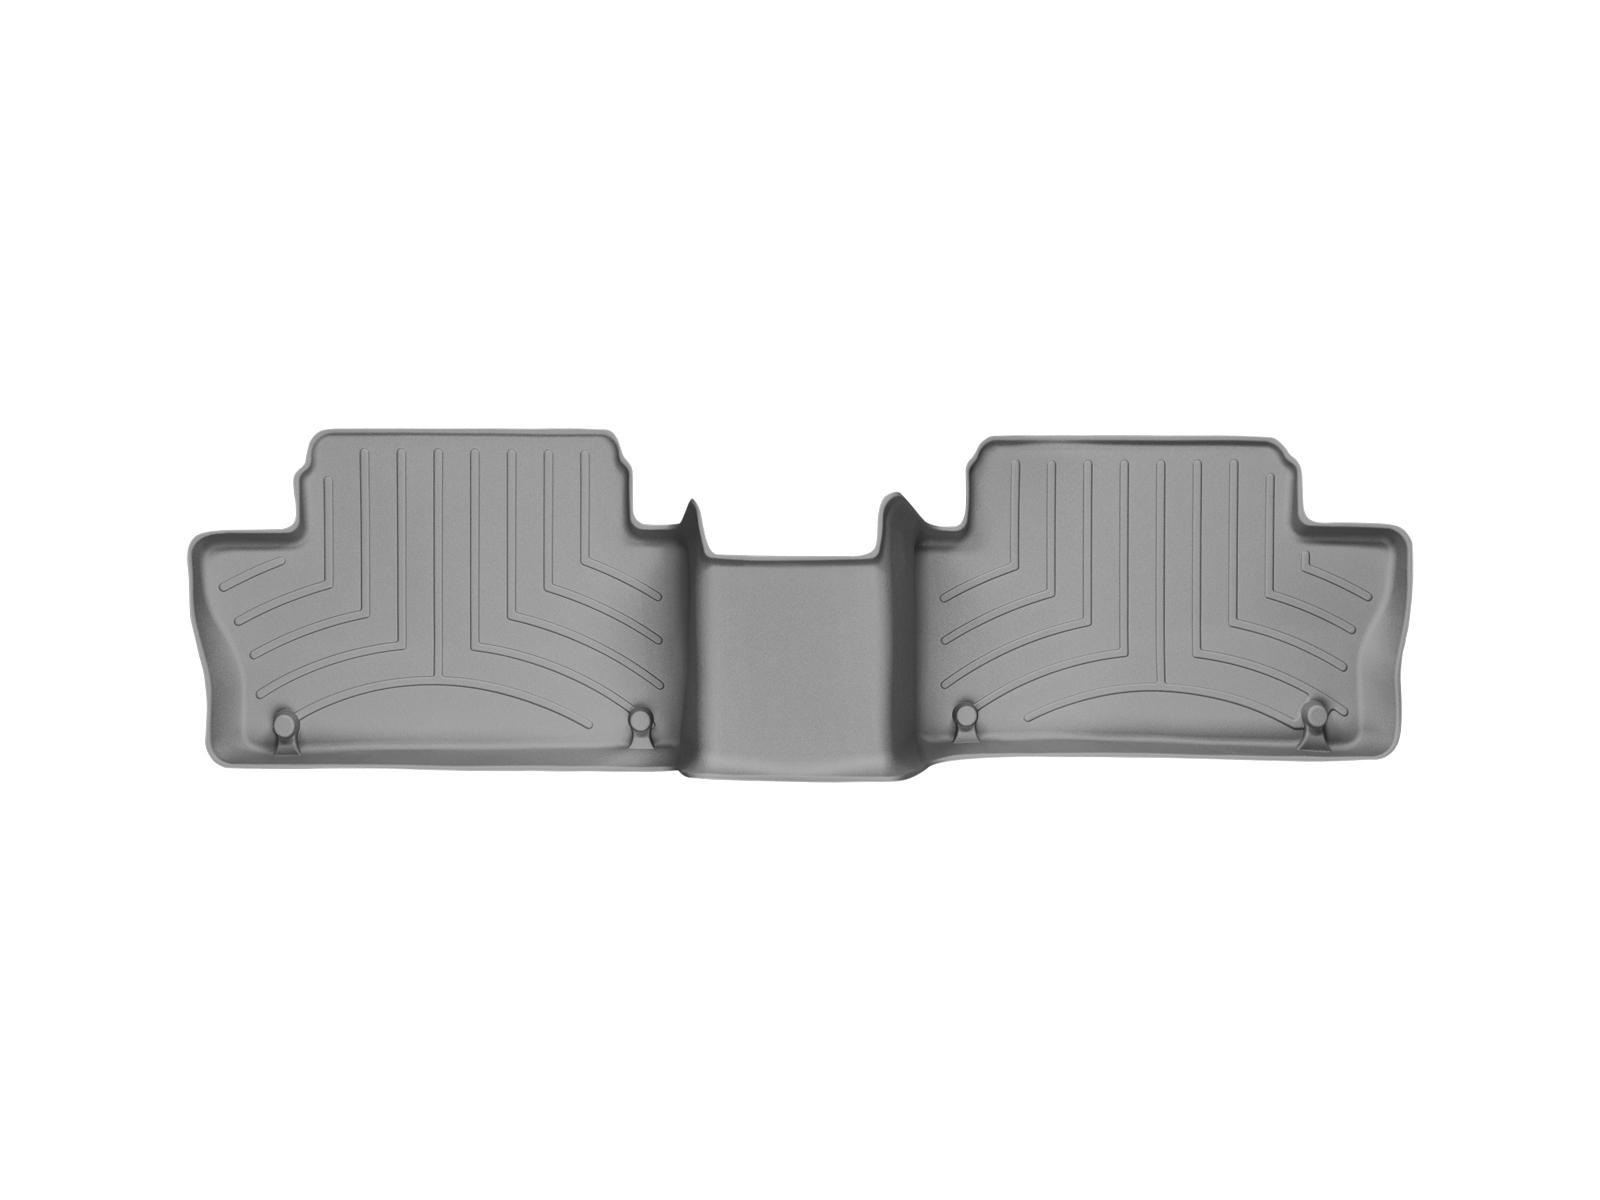 Tappeti gomma su misura bordo alto Volvo XC60 08>17 Grigio A4420*